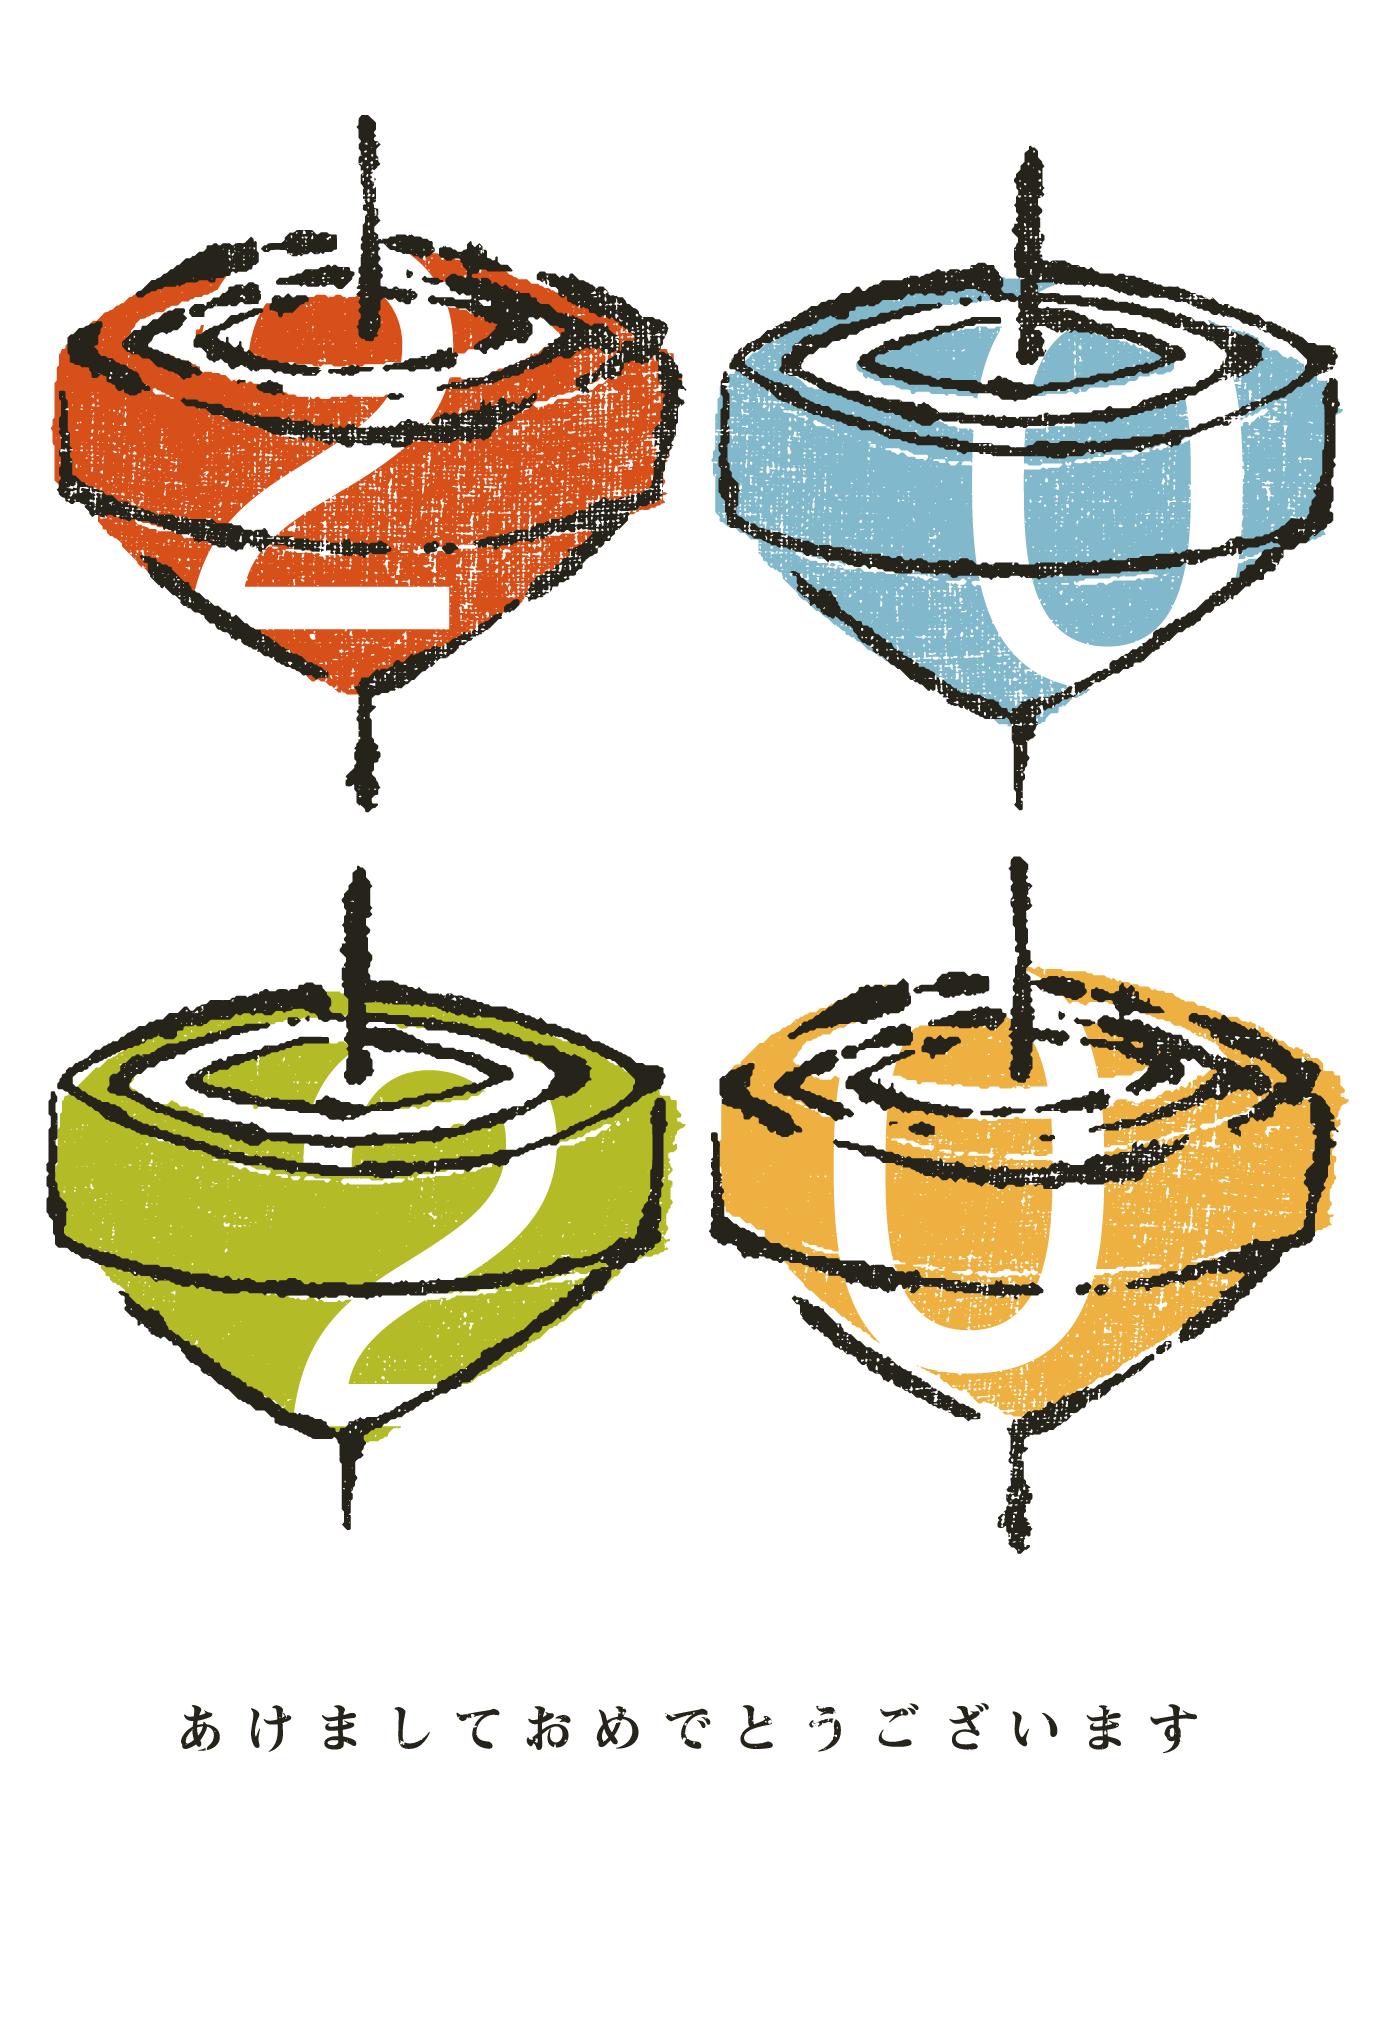 2020年賀状02-2:独り楽し 2020 / 色々のダウンロード画像